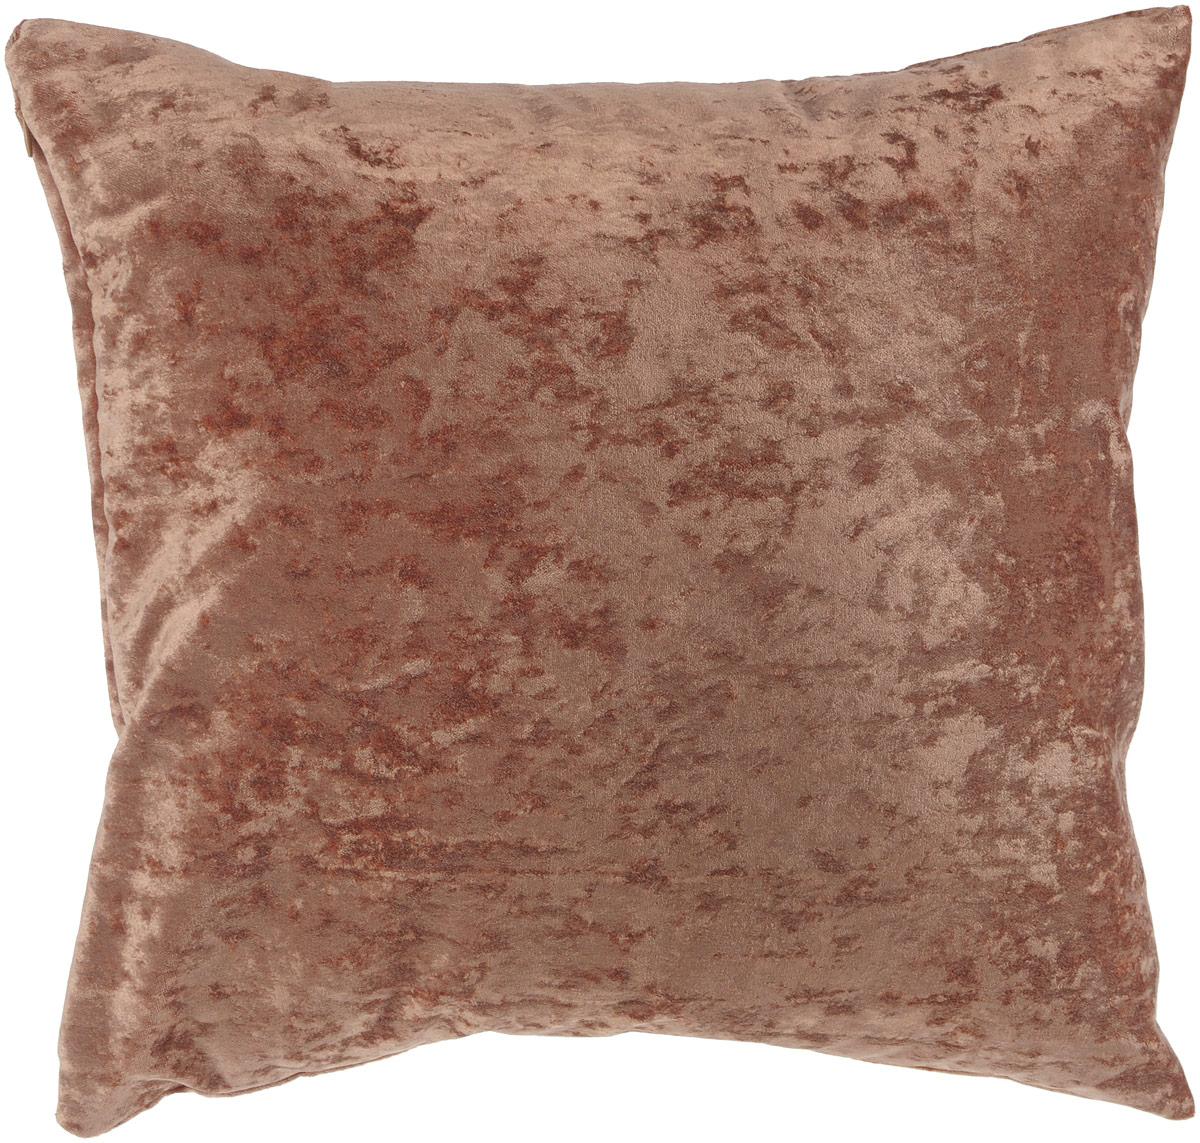 Подушка декоративная KauffOrt Бархат, цвет: коричневый, 40 x 40 см3121039638Декоративная подушка Бархат прекрасно дополнит интерьер спальни или гостиной. Бархатистый на ощупь чехол подушки выполнен из 49% вискозы, 42% хлопка и 9% полиэстера. Внутри находится мягкий наполнитель. Чехол легко снимается благодаря потайной молнии.Красивая подушка создаст атмосферу уюта и комфорта в спальне и станет прекрасным элементом декора.